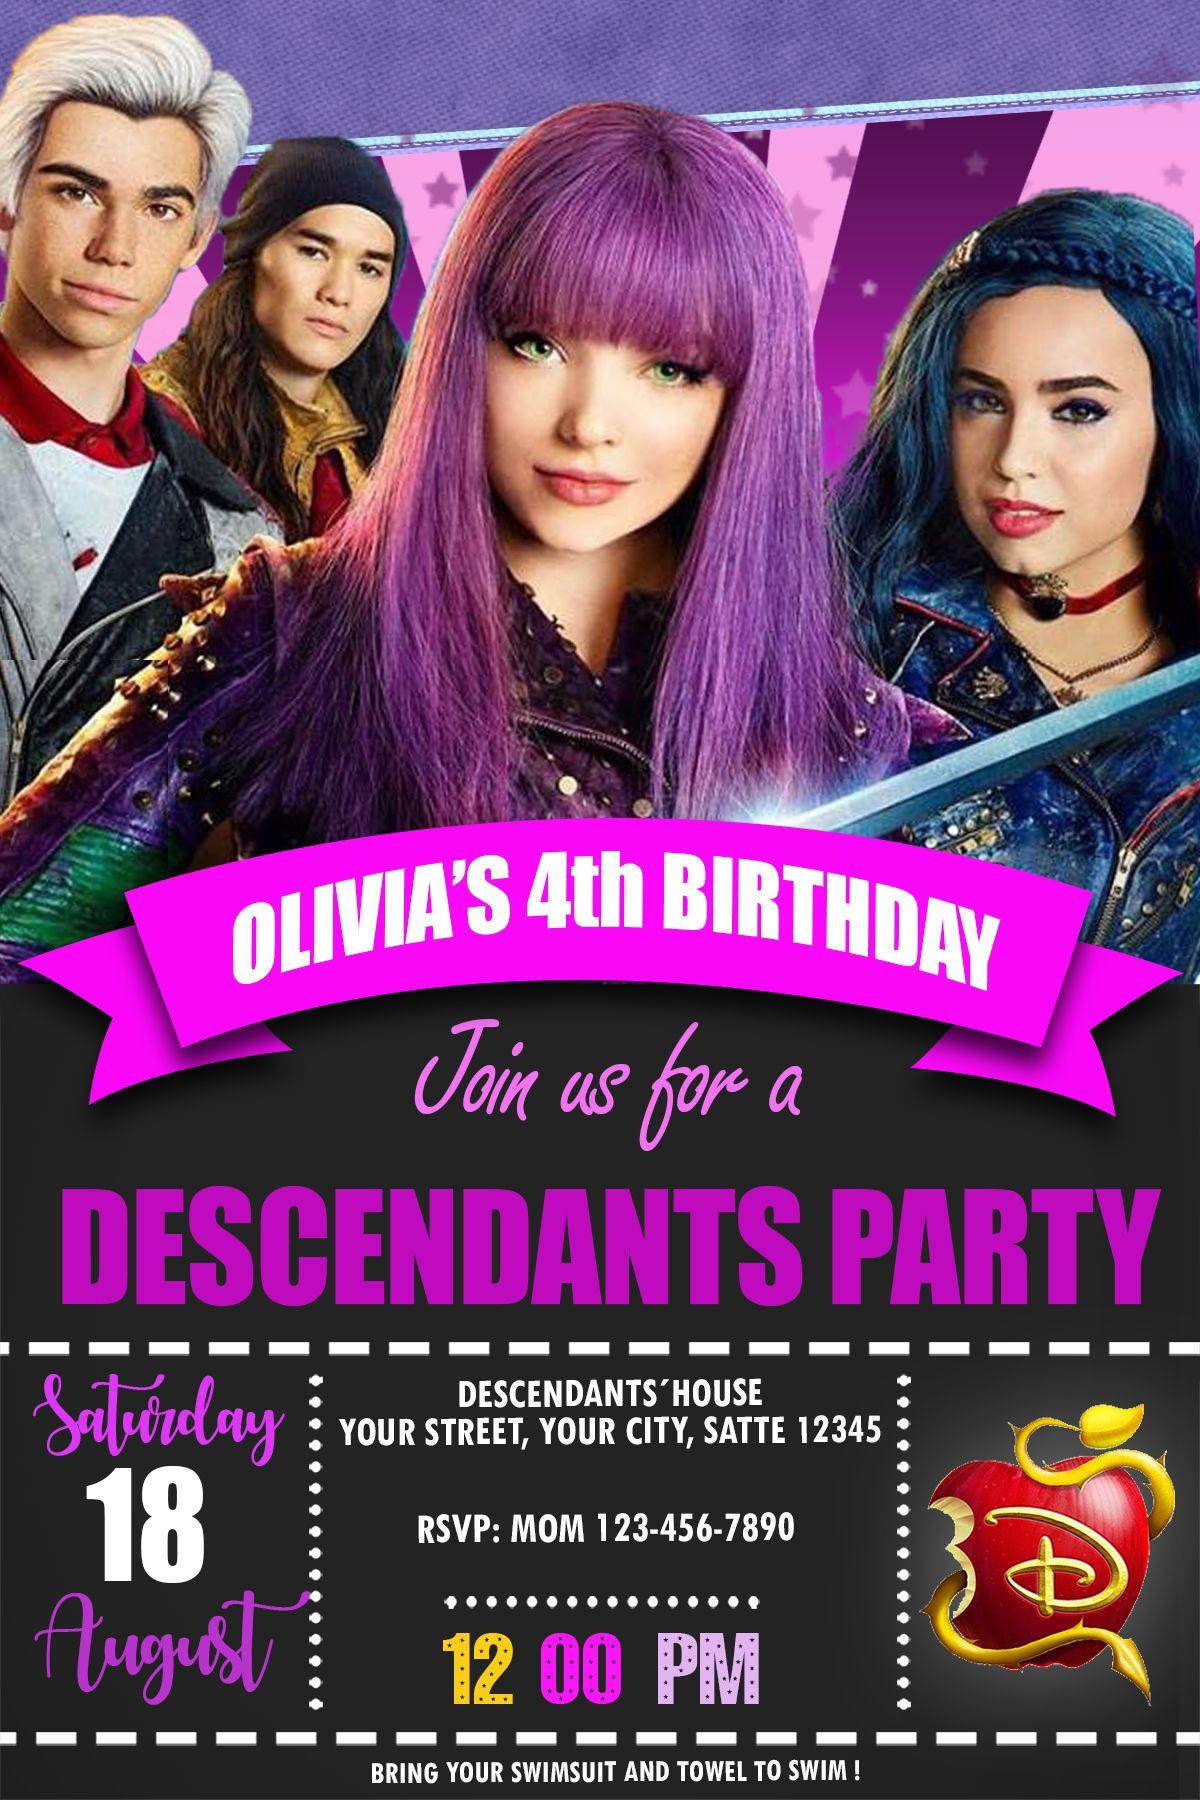 DESCENDANTS BIRTHDAY PARTY INVITATION INVITE BIRTHDAYPARTY BIRTHDAYINVITATION BIRTHDAYINVITE PAPERGOODS